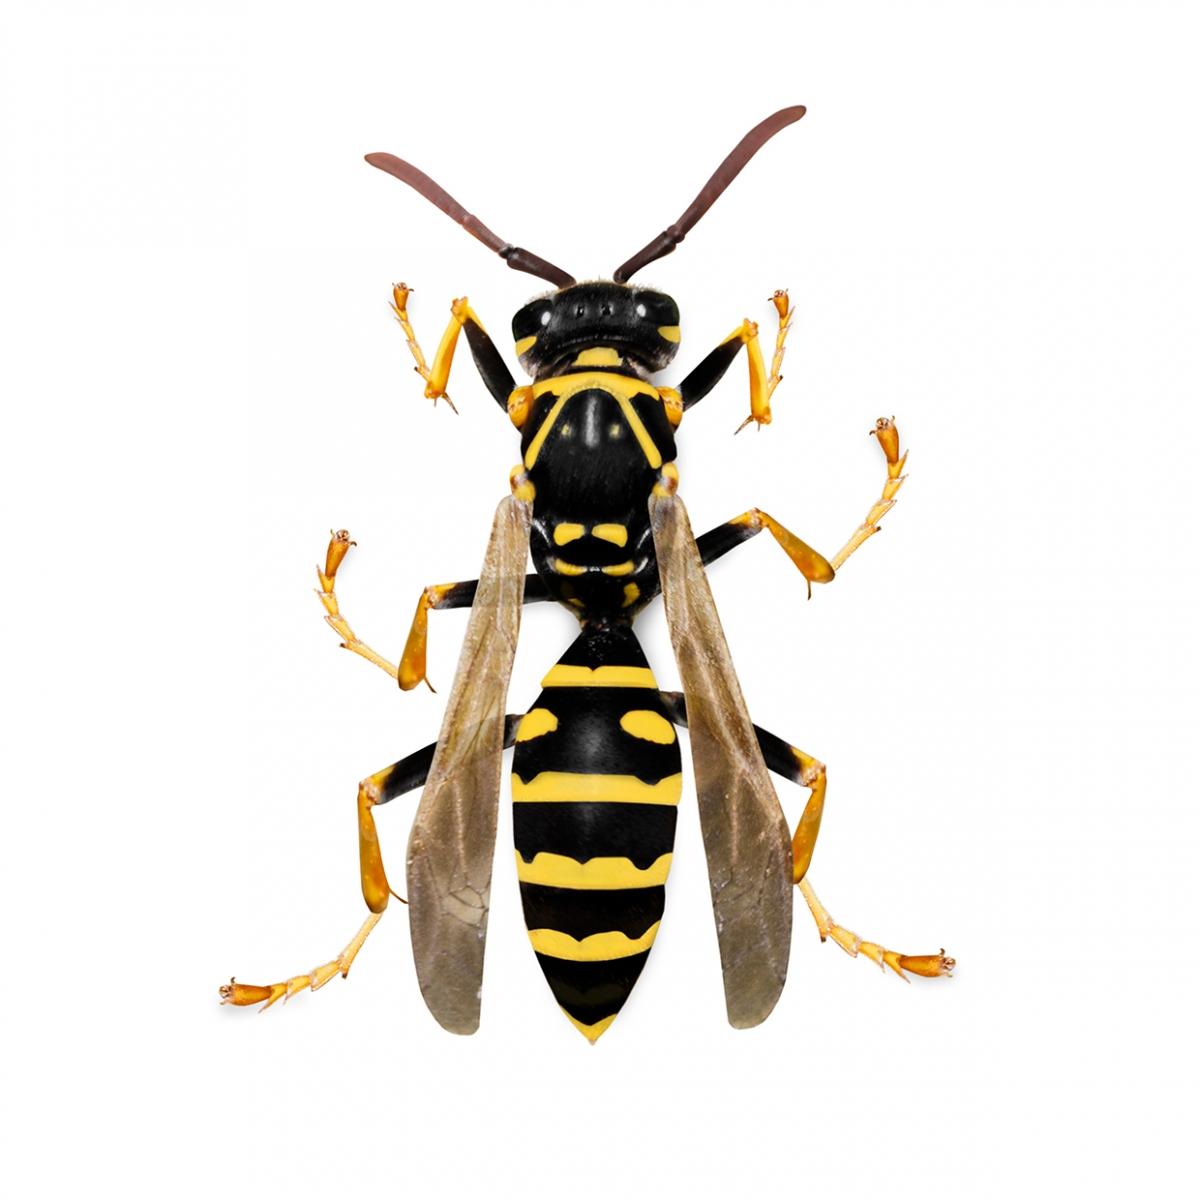 Imagen en la que se ve una avispa